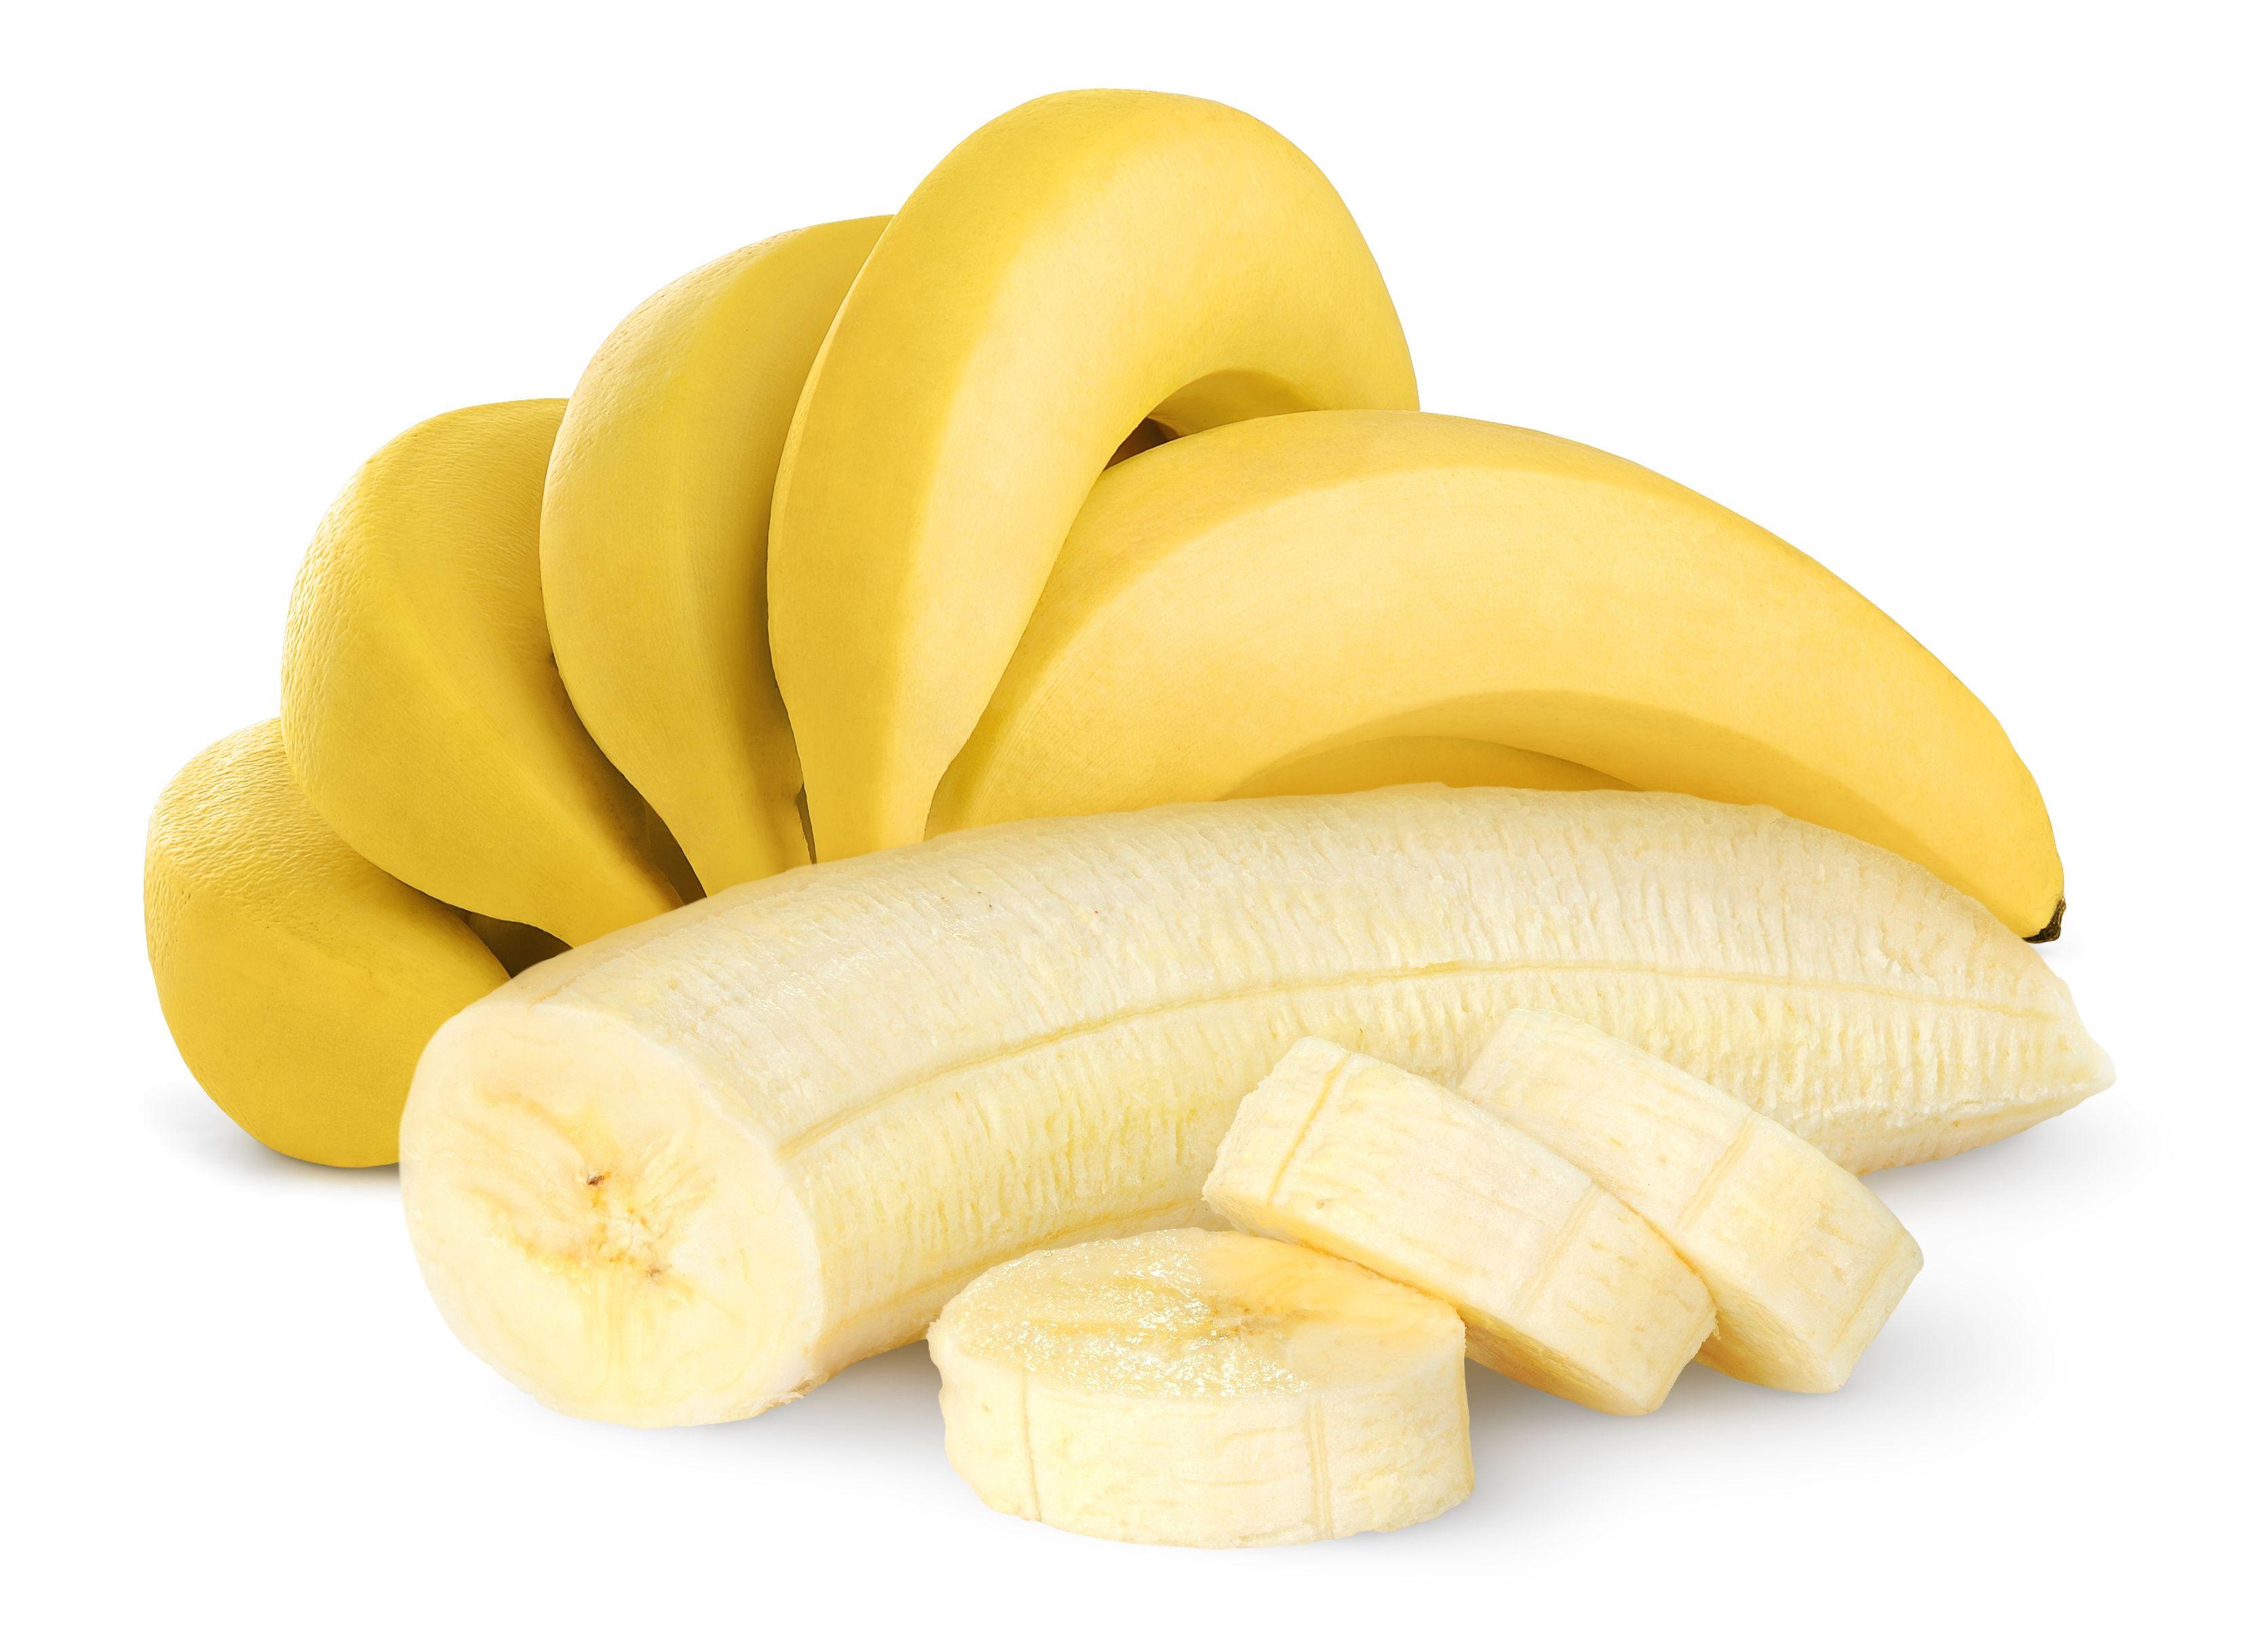 banana-hd-images-4-whb #bananahdimages #banana #fruit #wallpapers